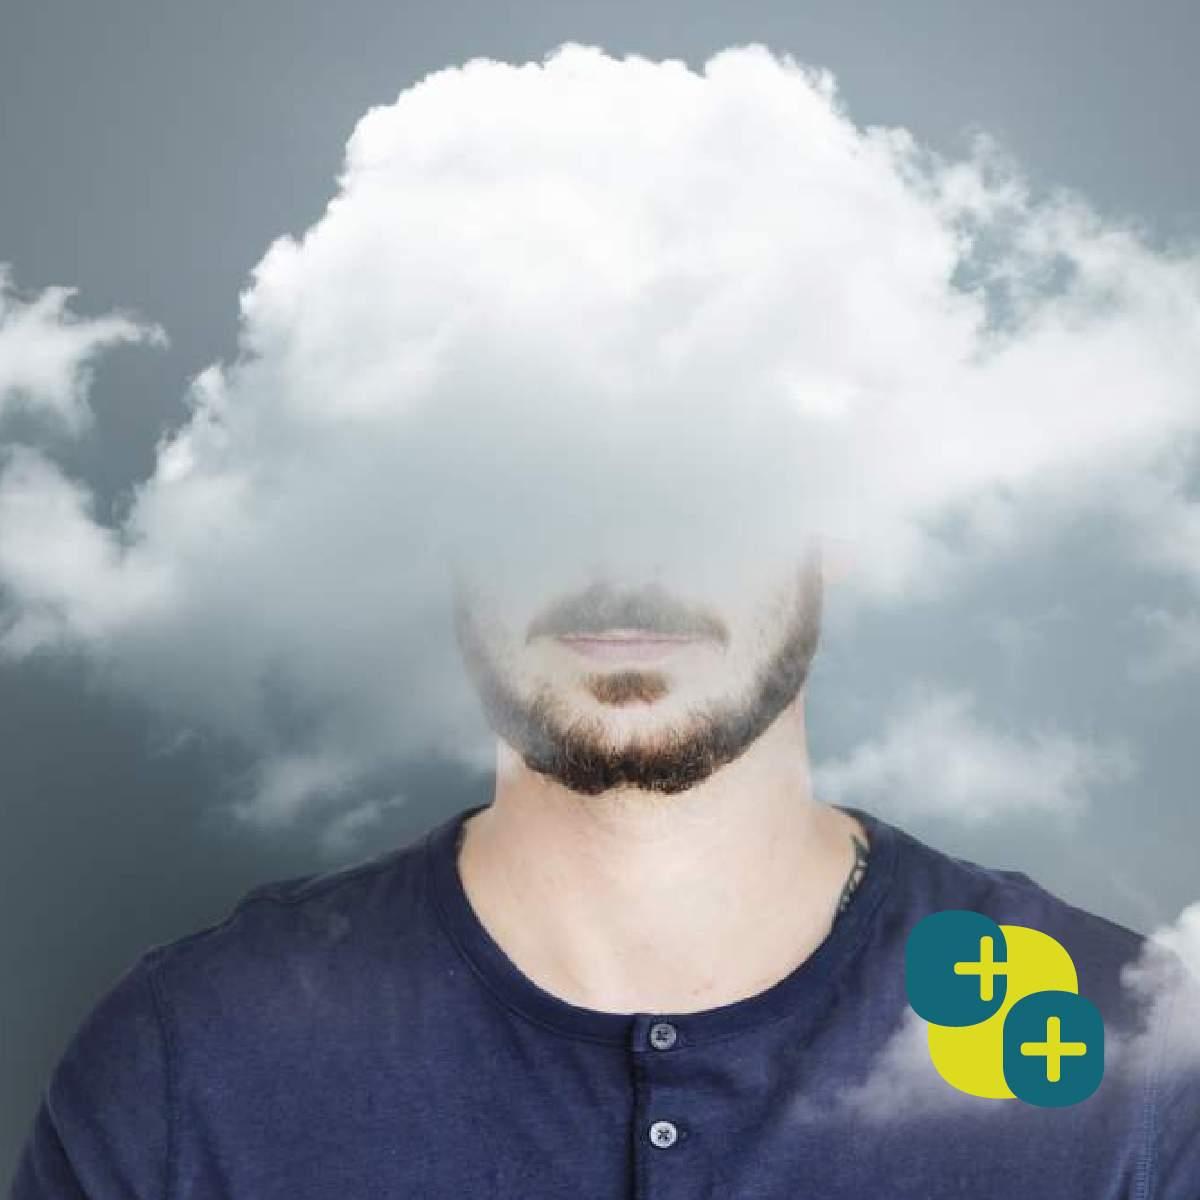 Beeld van een hoofd van een man die half verscholen zit achter een wolk